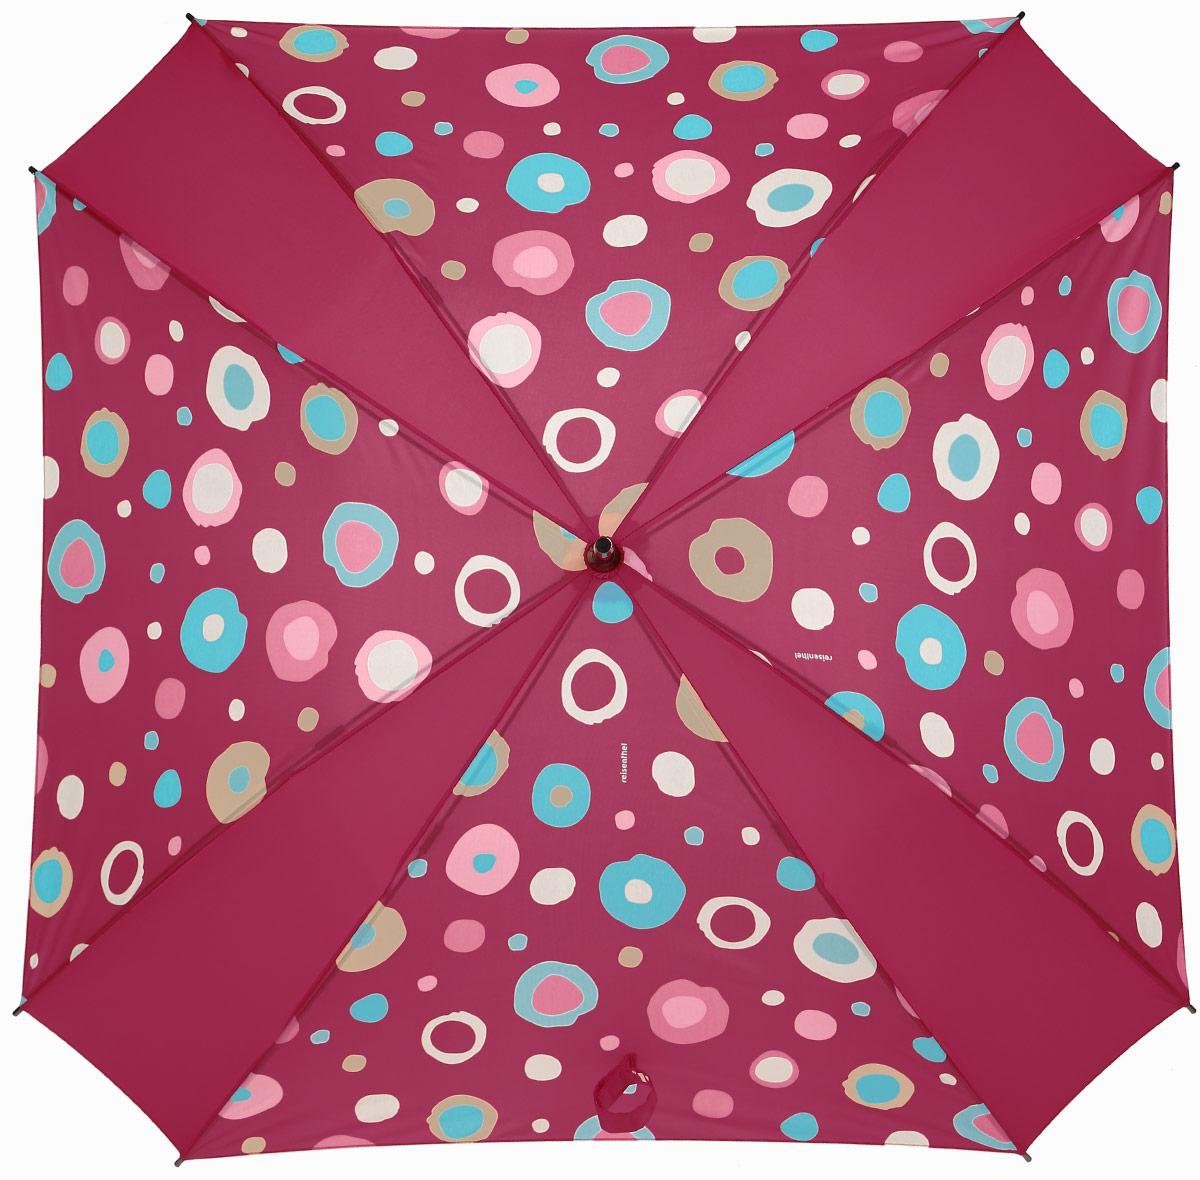 Зонт-трость Reisenthel, цвет: красный. YM3048YM3048Ни снег, ни проливной дождь не страшны, когда с вами ваш надежный друг - красивый зонт-трость. А надежен он благодаря своей инновационной форме в виде октагона - фигуры с 8 углами. У зонта гибкие спицы со специальными пружинами, которые не сломаются. При сильном ветре зонт просто вывернется наизнанку. А вот острый наконечник и ручка, которая позволяет повесить зонт - самые что ни на есть классические, удобные и красивые. Чтобы просушить его, просто оставьте открытым (пожалуйста, не сворачивайте зонт, пока он мокрый).